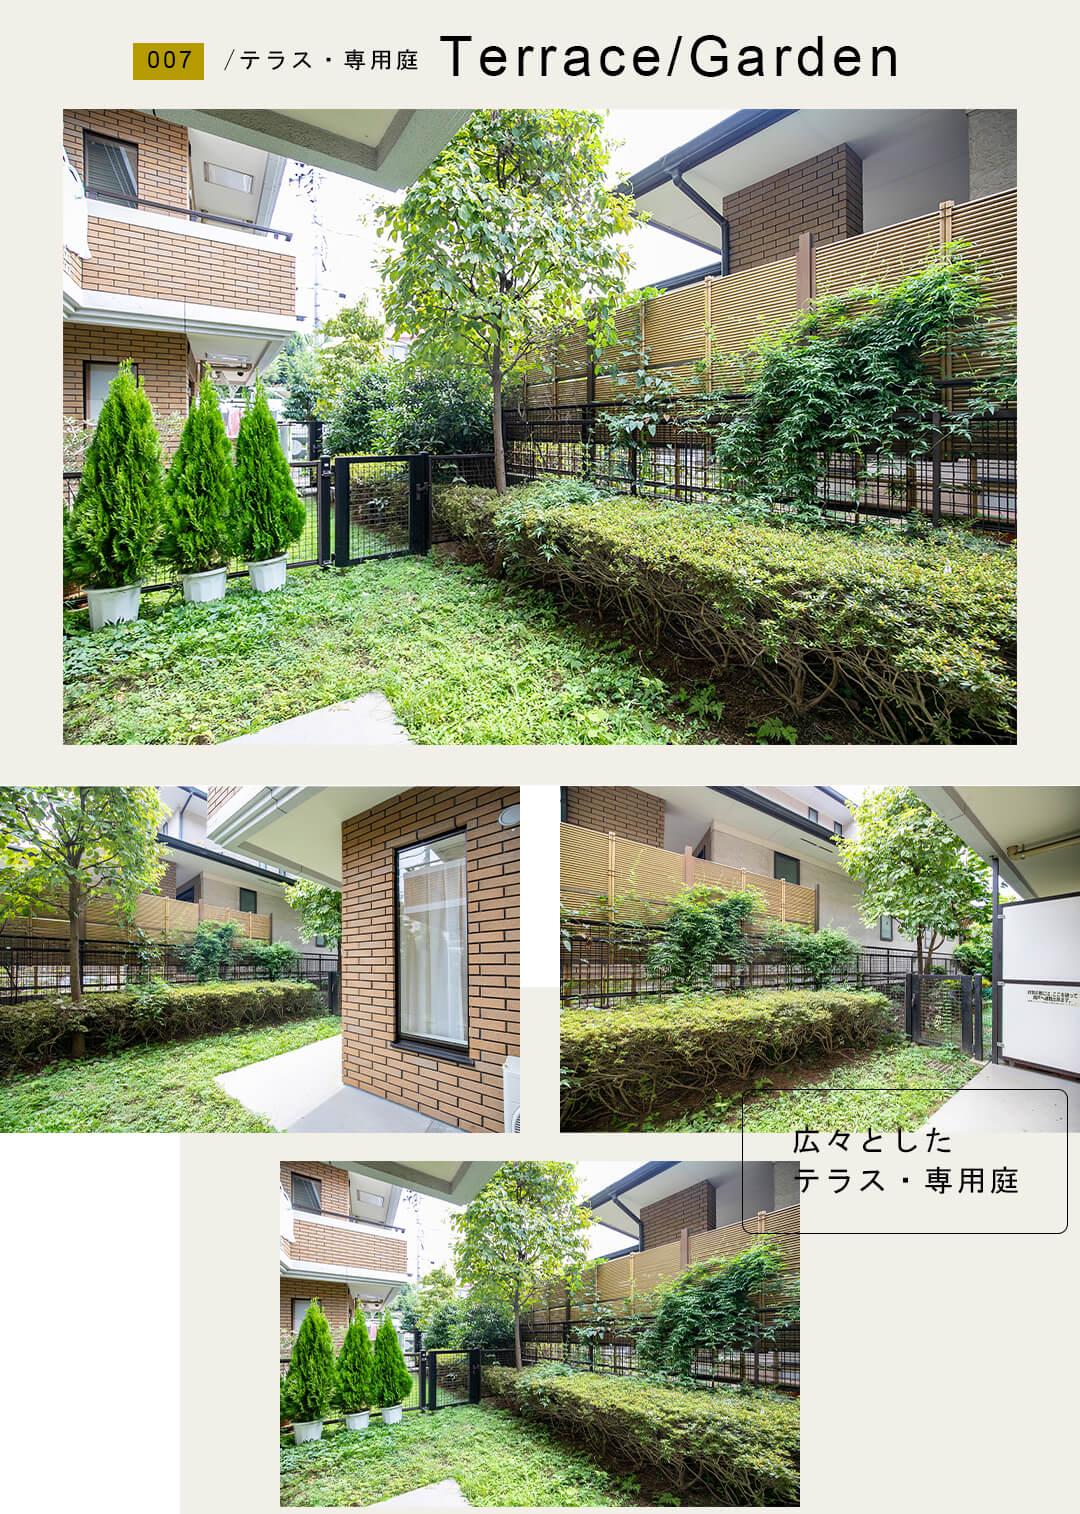 007テラス,専用庭,Terrac,Garden